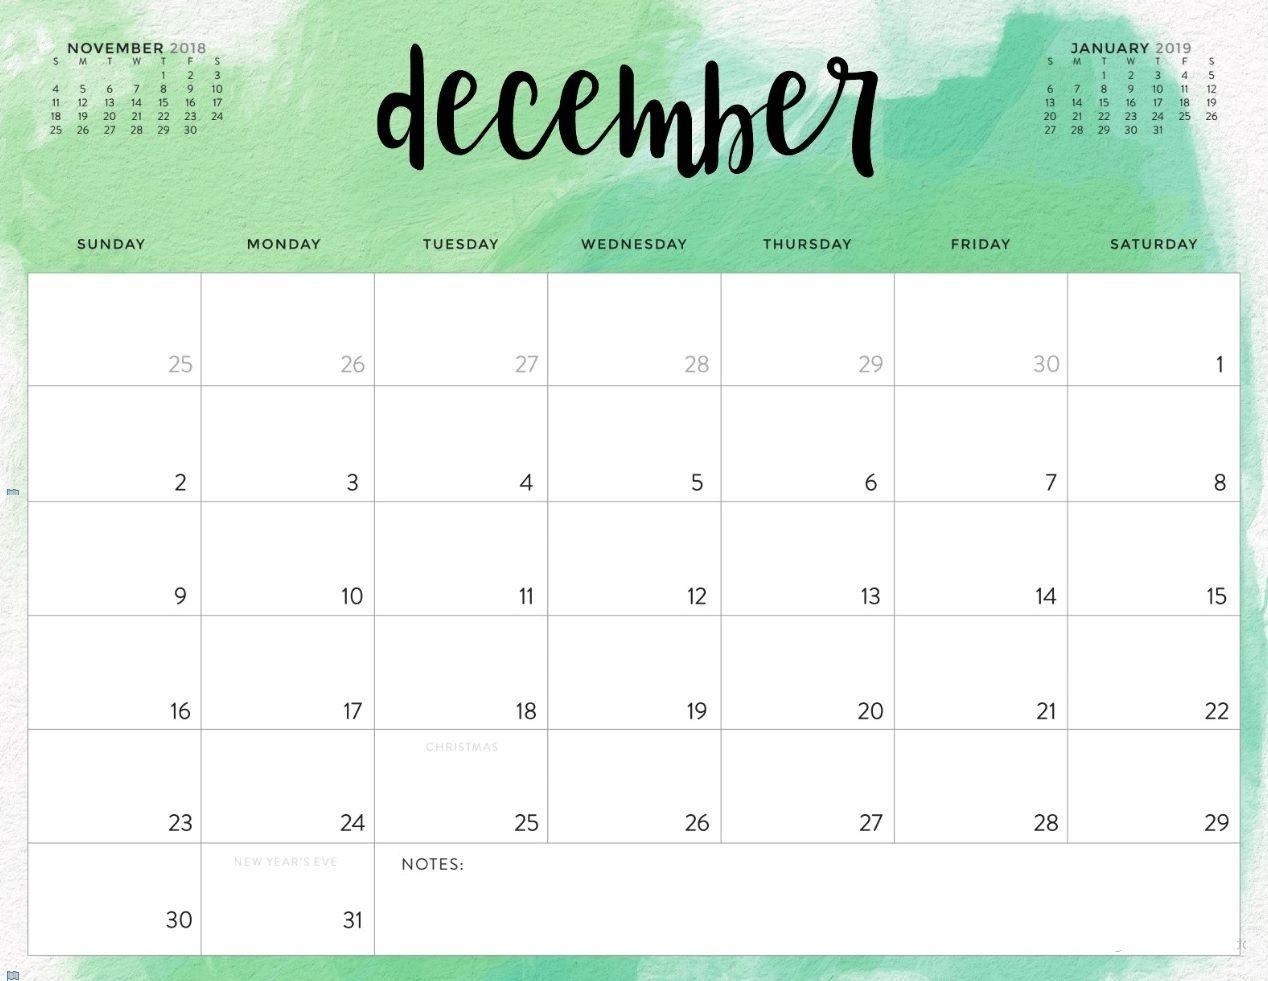 Custom Calendar For Business - Marry Steven - Medium